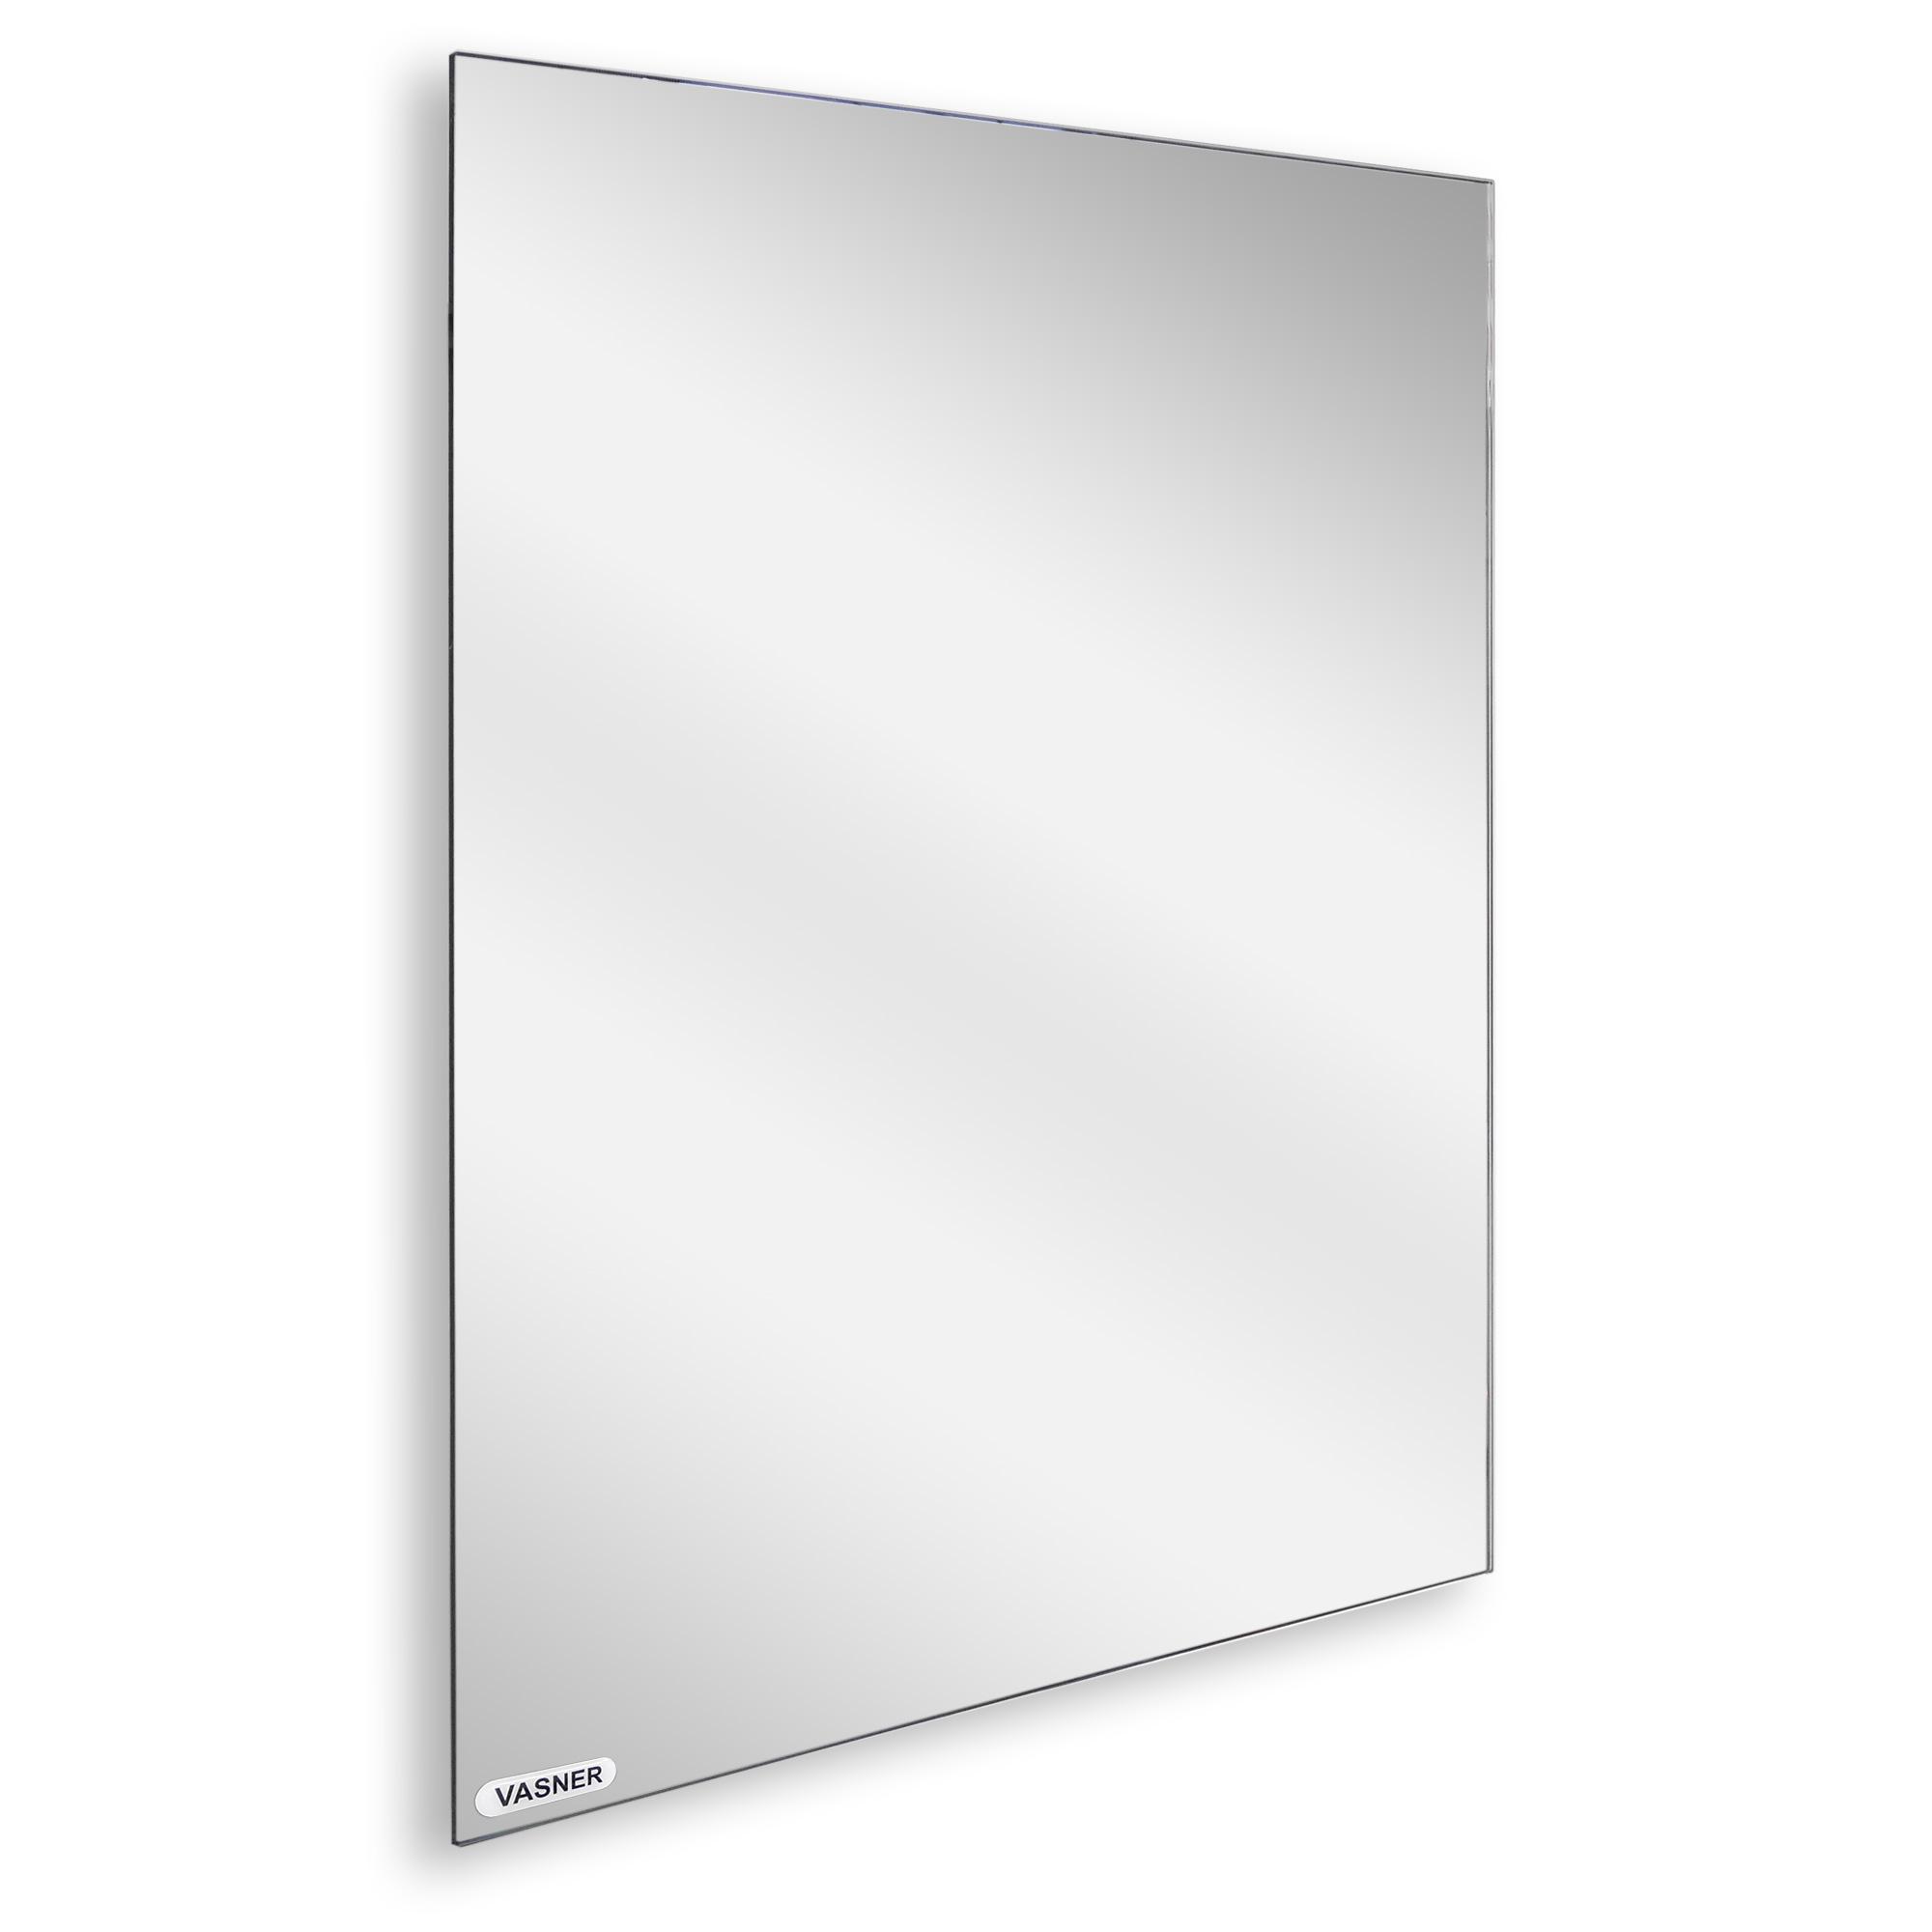 Infrarot Spiegelheizung ohne Rahmen